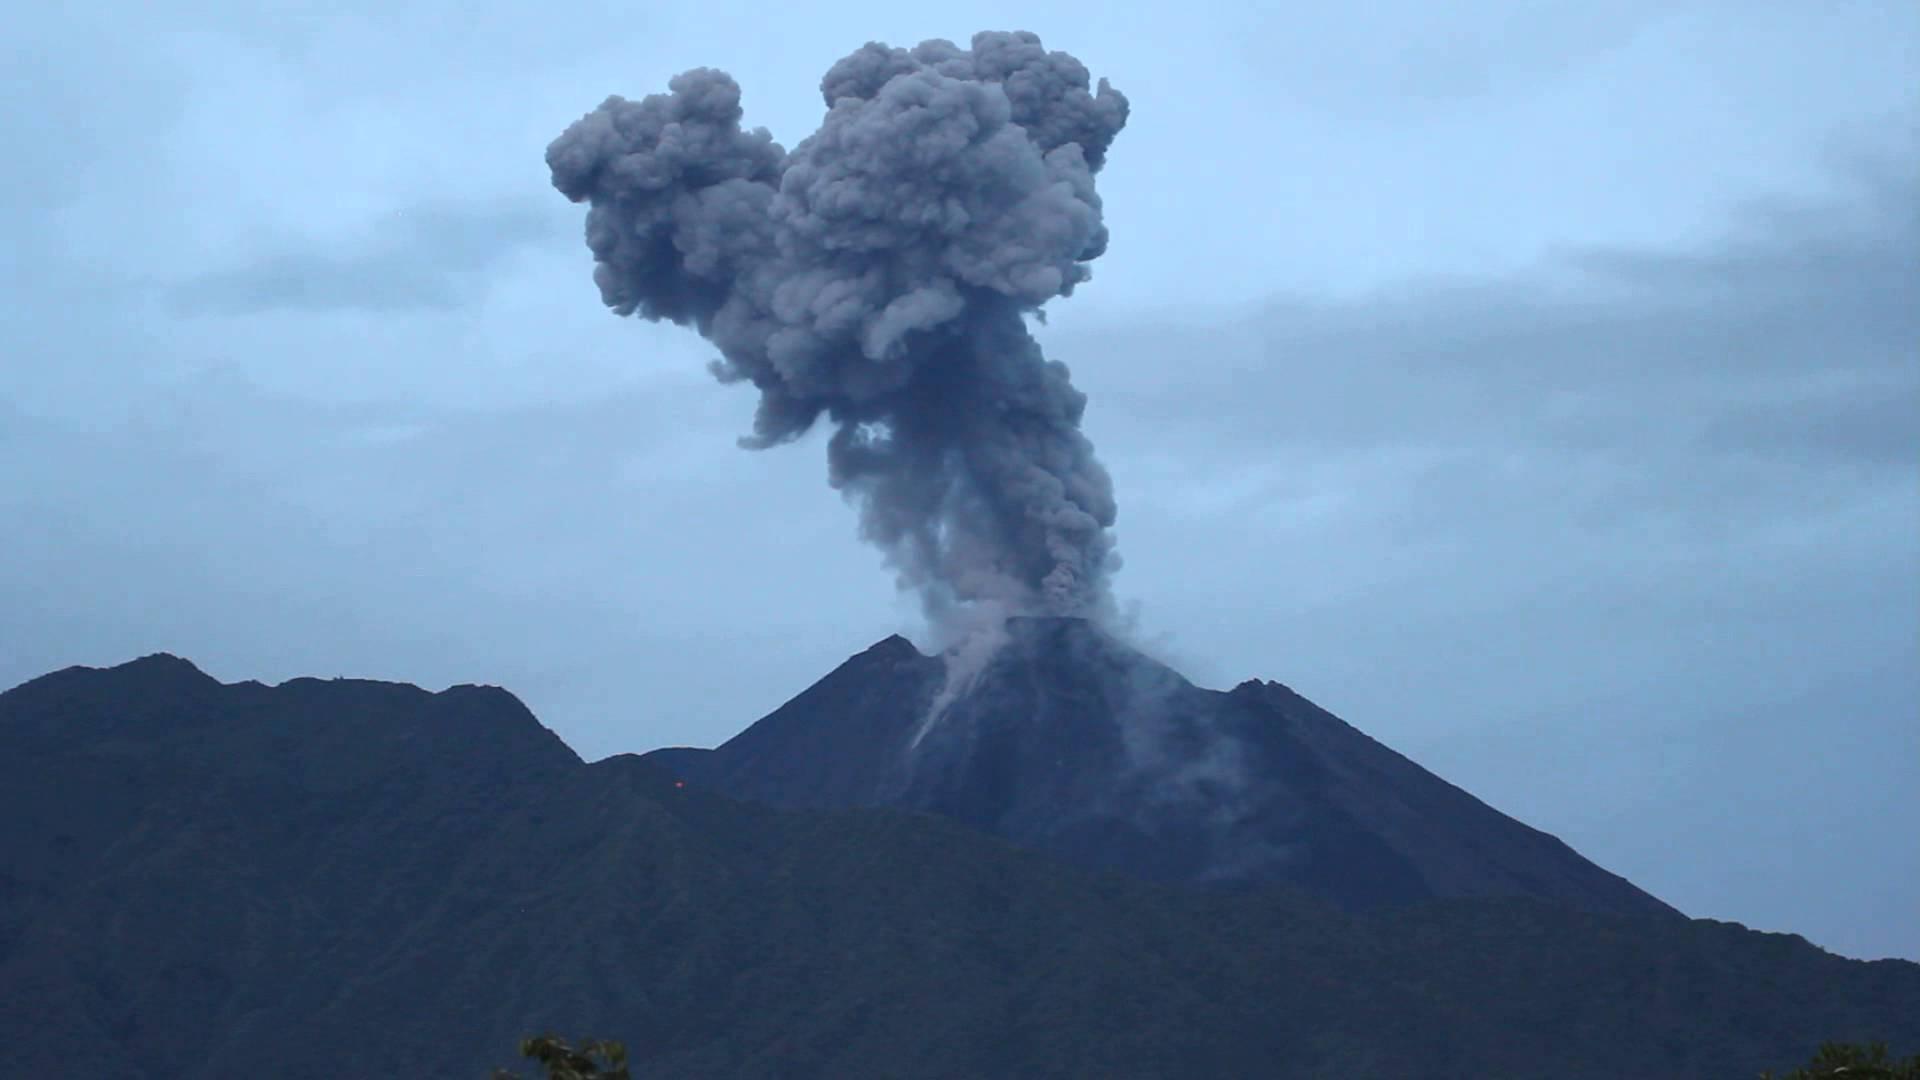 Volcán Reventador mantiene actividad eruptiva alta